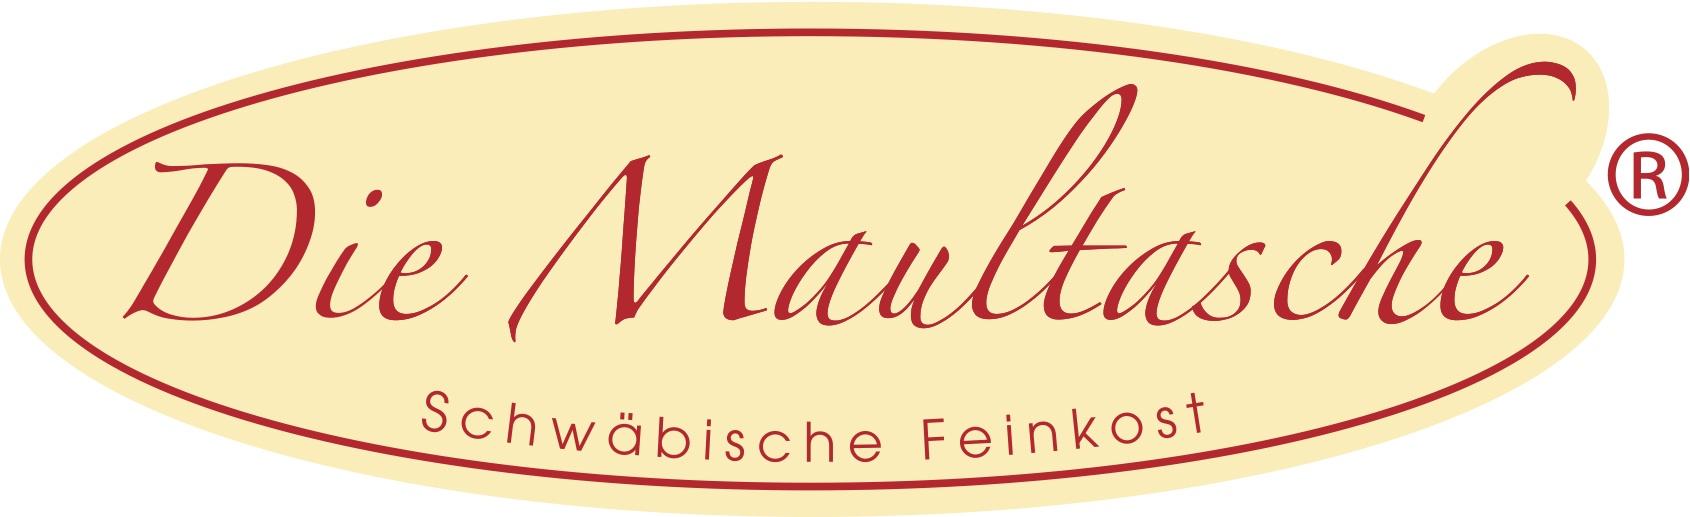 Die Maultasche Berlin